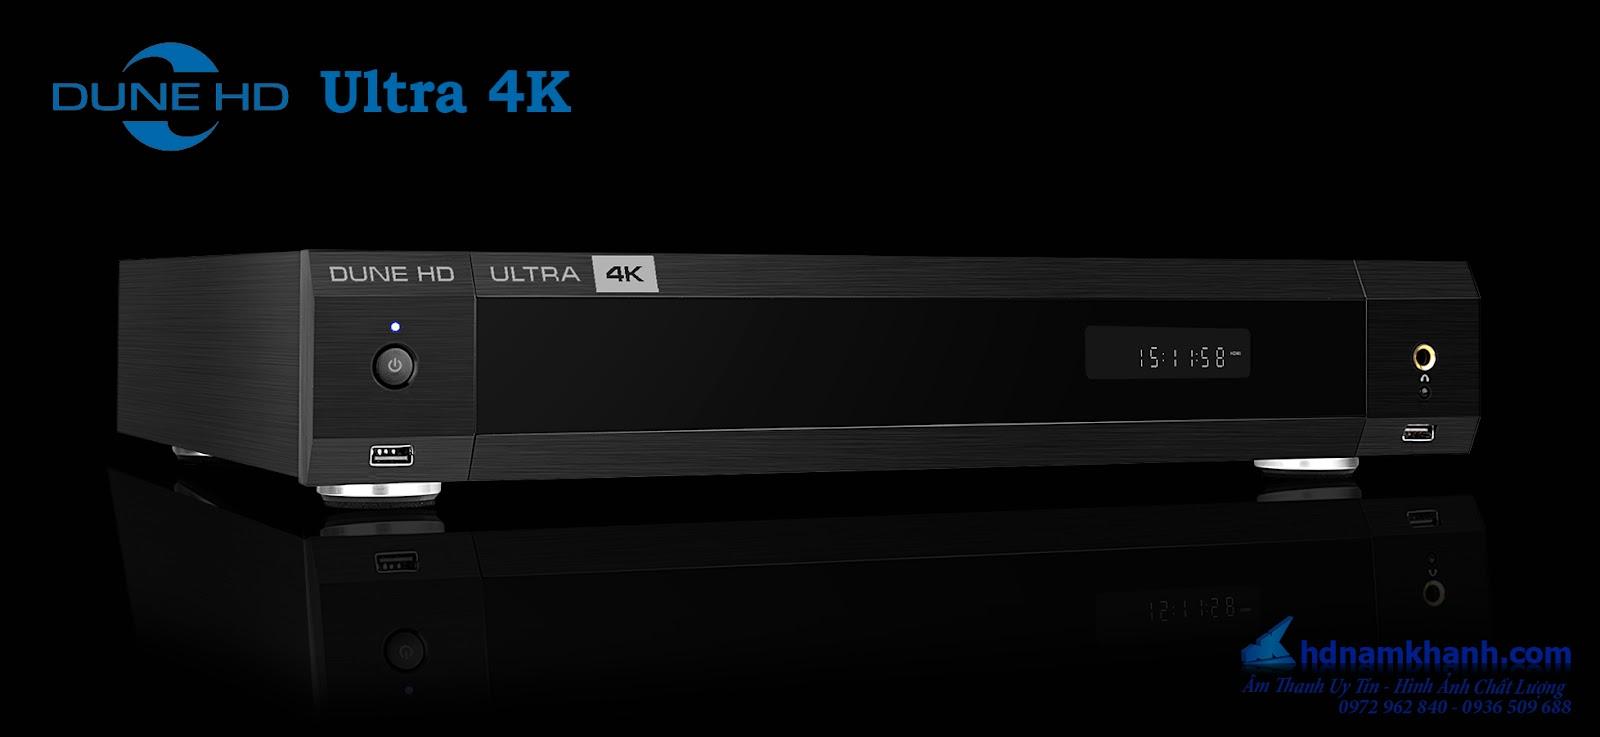 Đầu Dune HD Ultra 4K, 4K Player Android cao cấp nhất của Dune